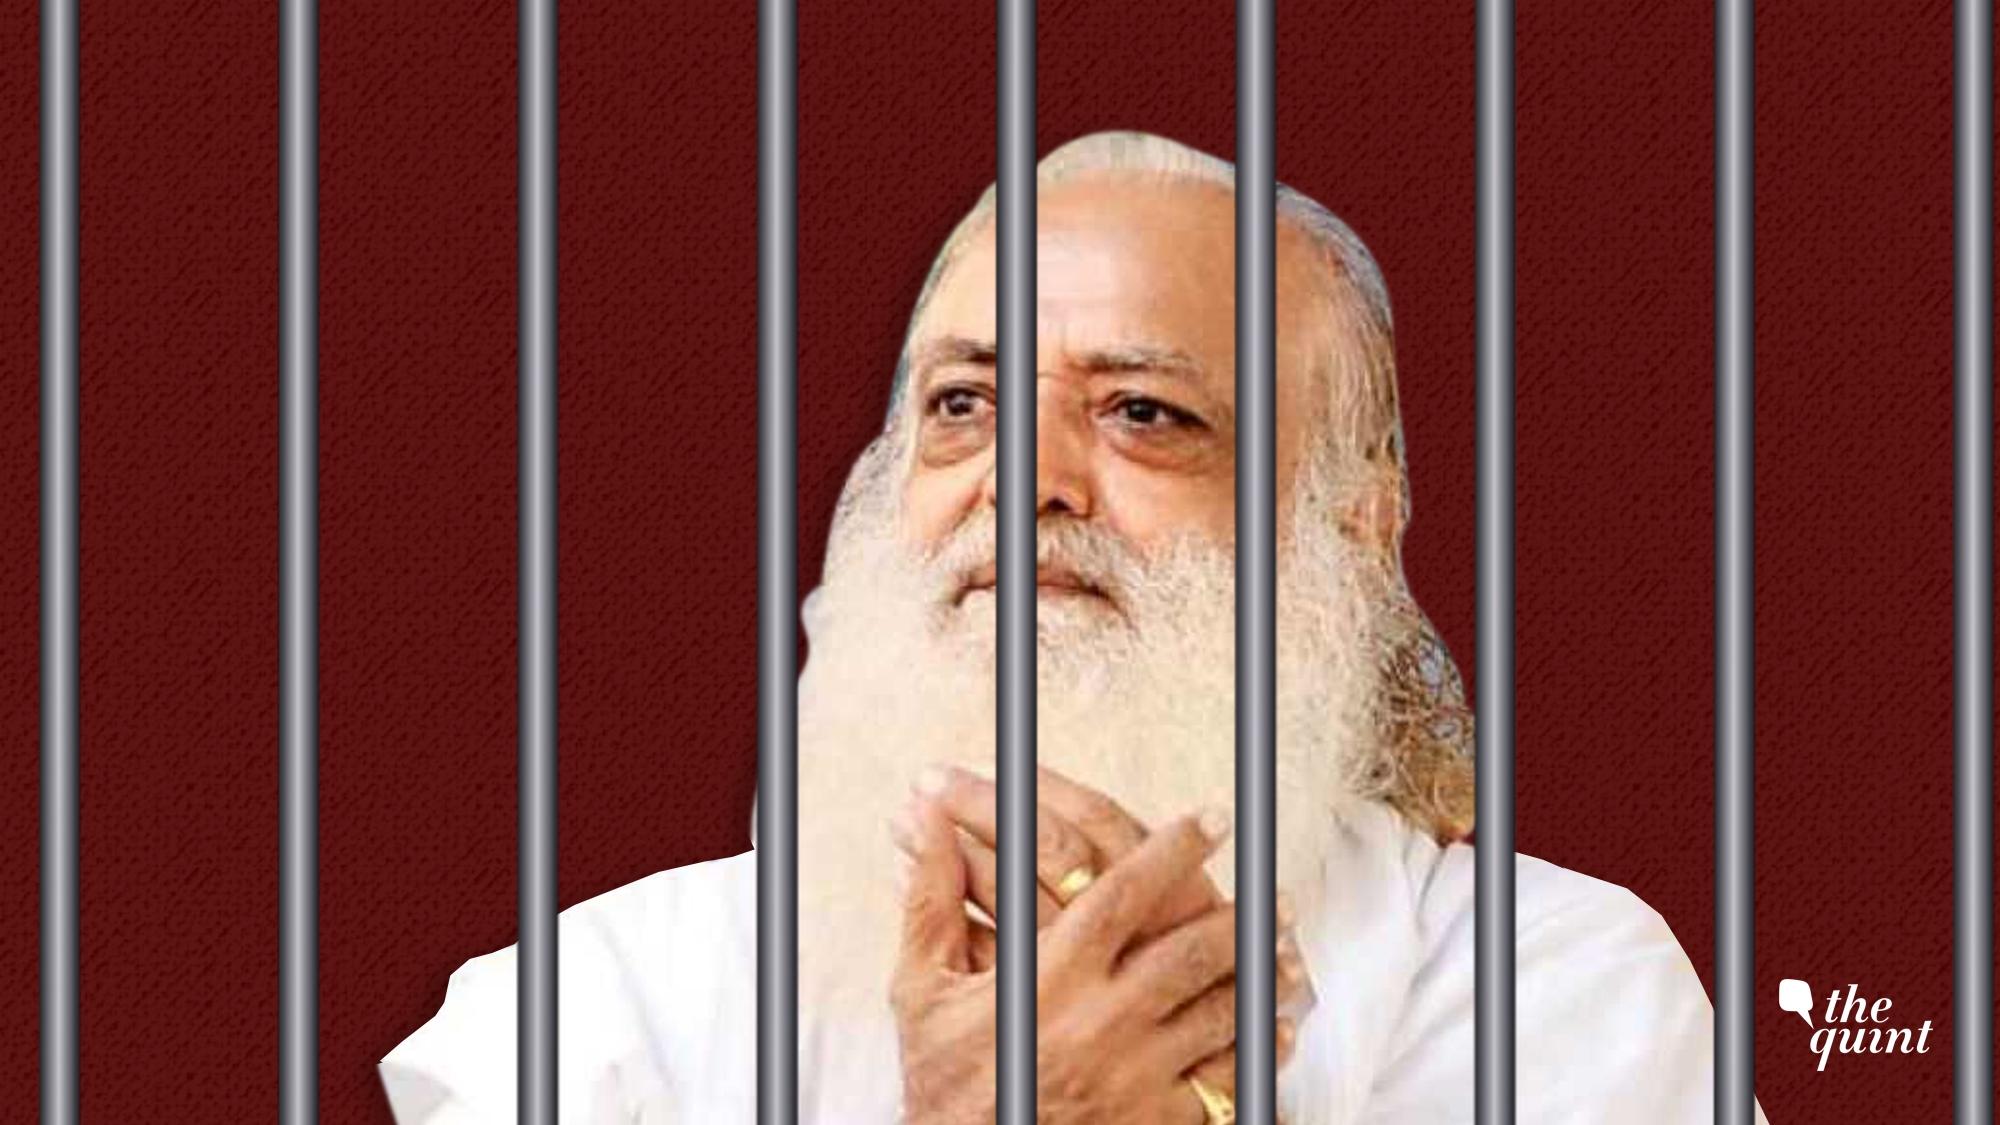 SC Dismisses Asaram's Bail Plea in Gujarat Sexual Assault Case